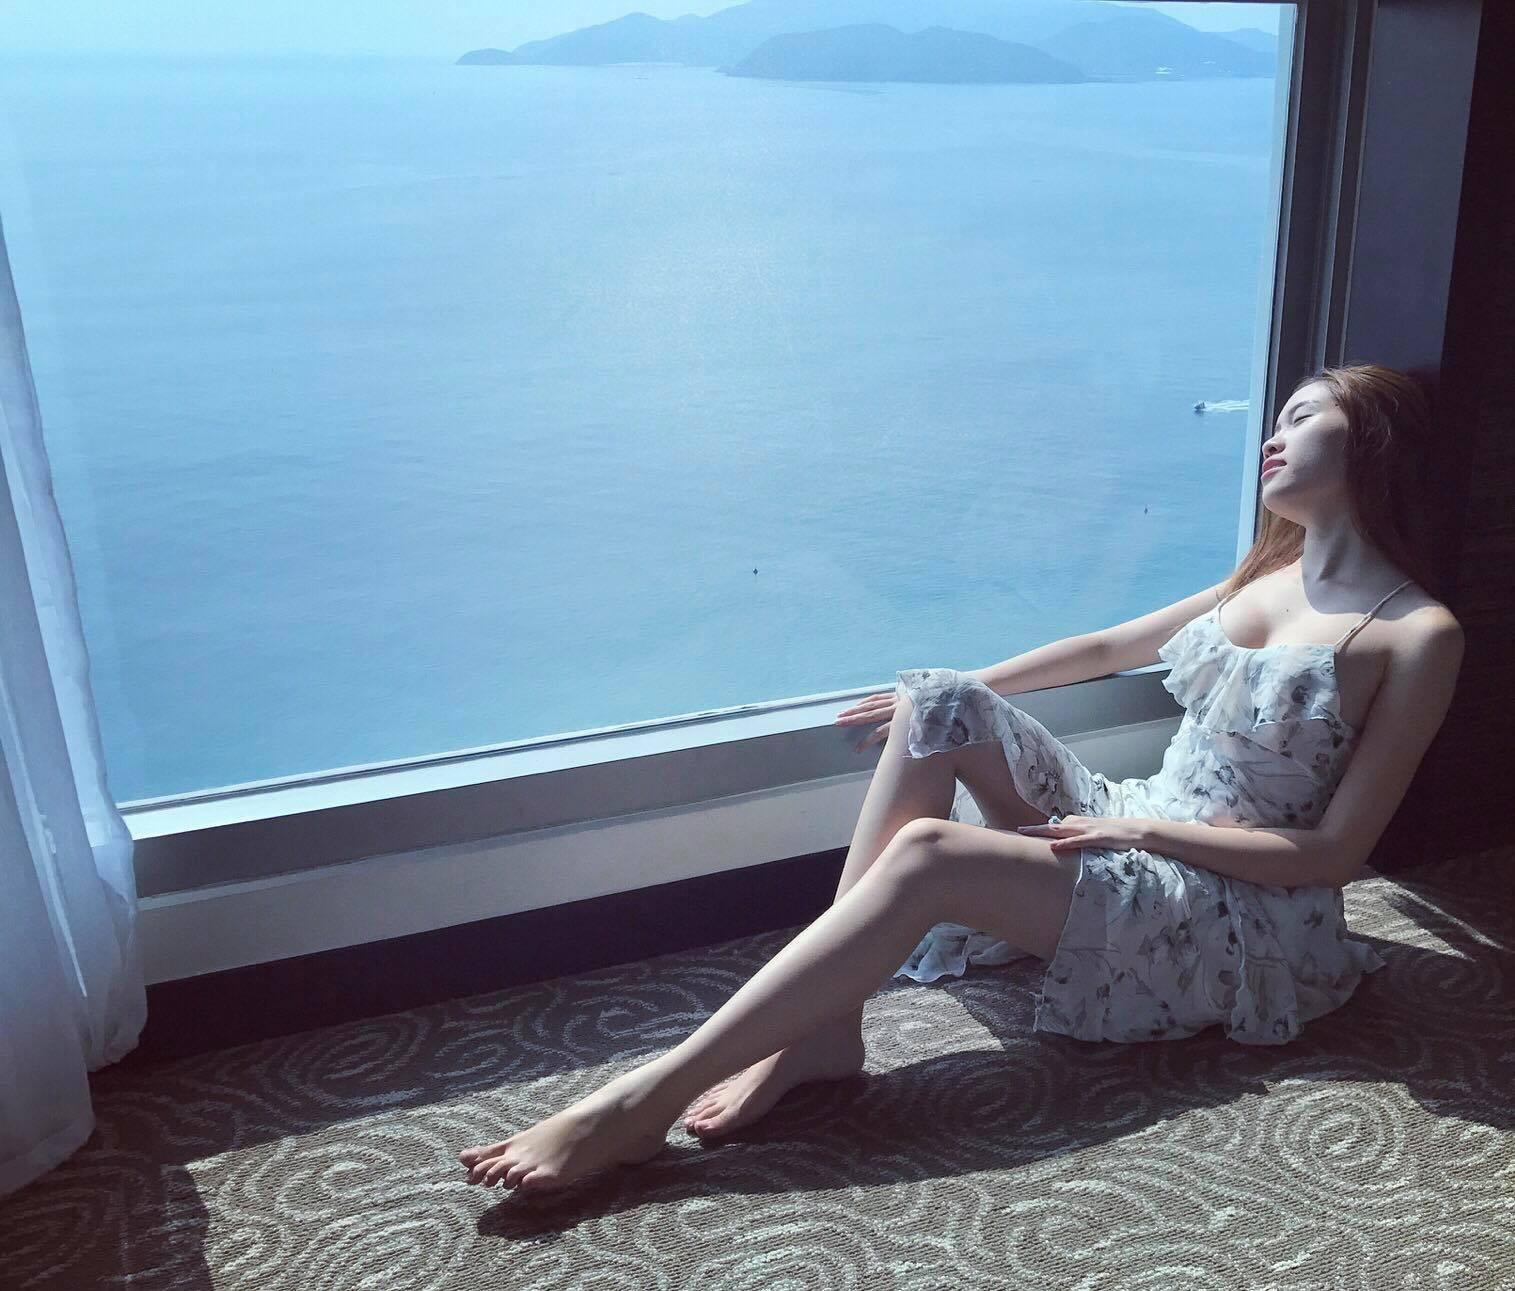 Ngất ngây trước nhan sắc xinh đẹp của nữ MC 22 tuổi được mệnh danh nóng bỏng nhất nhà đài VTV - Ảnh 6.